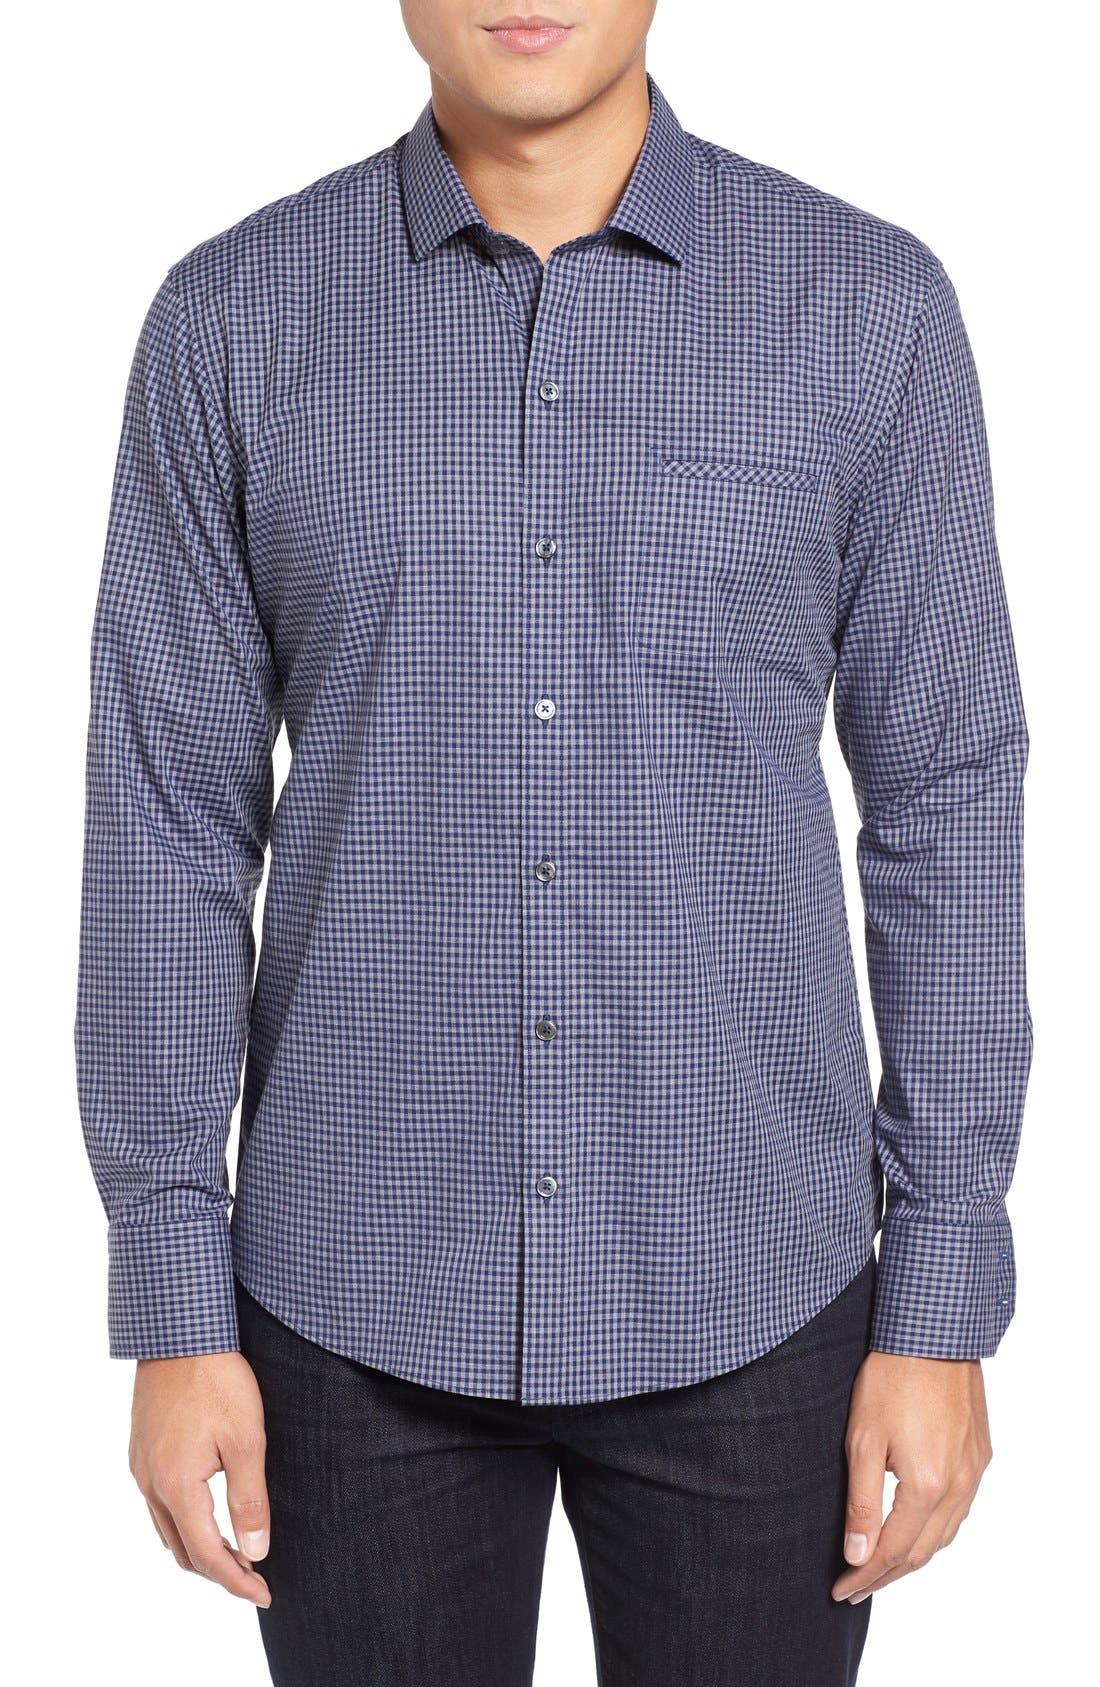 Fitzpatrick Trim Fit Sport Shirt,                             Main thumbnail 1, color,                             400